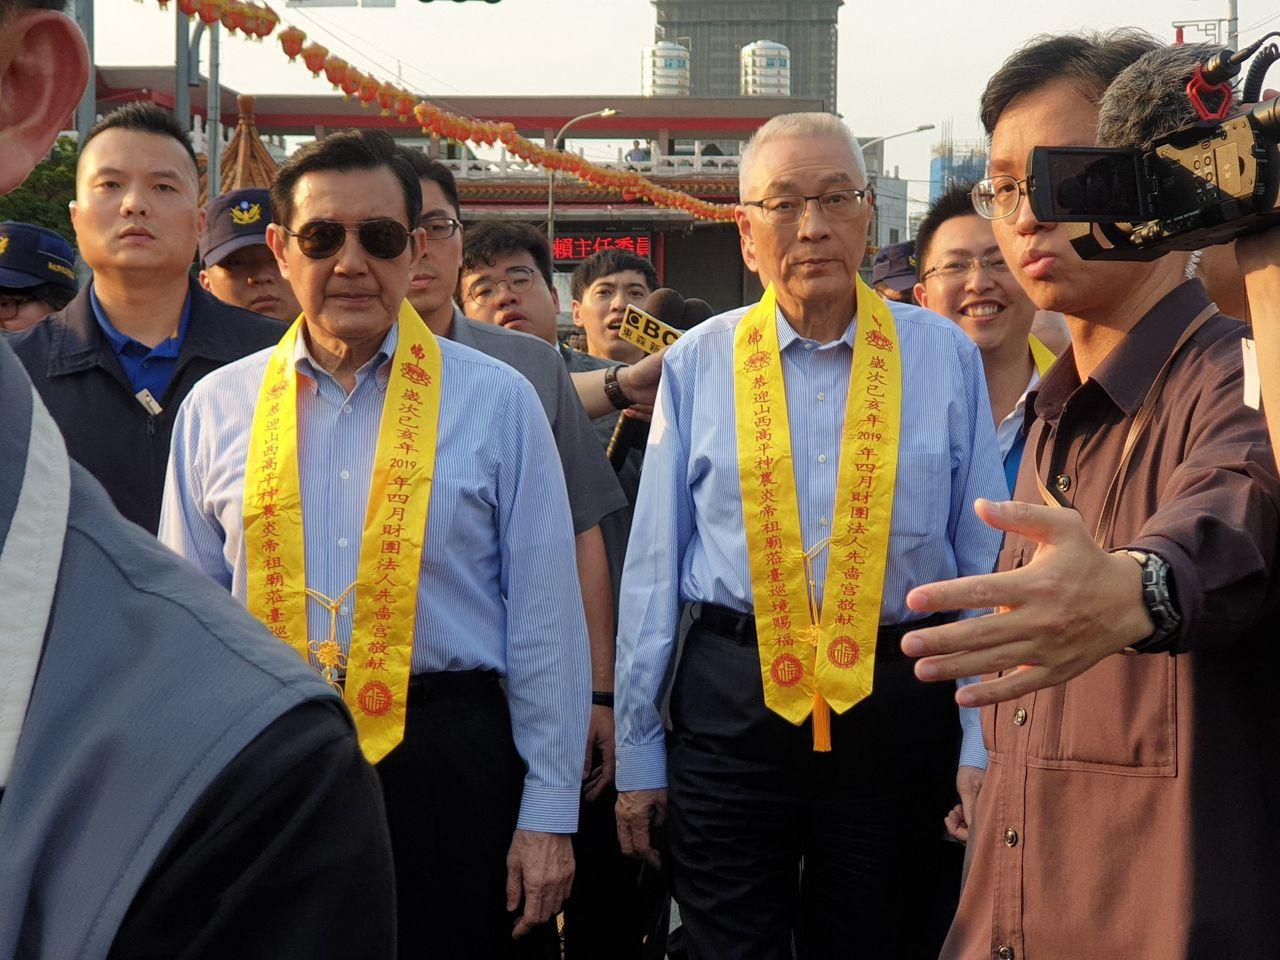 針對韓國瑜今早的聲明,國民黨主席吳敦義說,會讓他方便參加初選。記者胡瑞玲/攝影